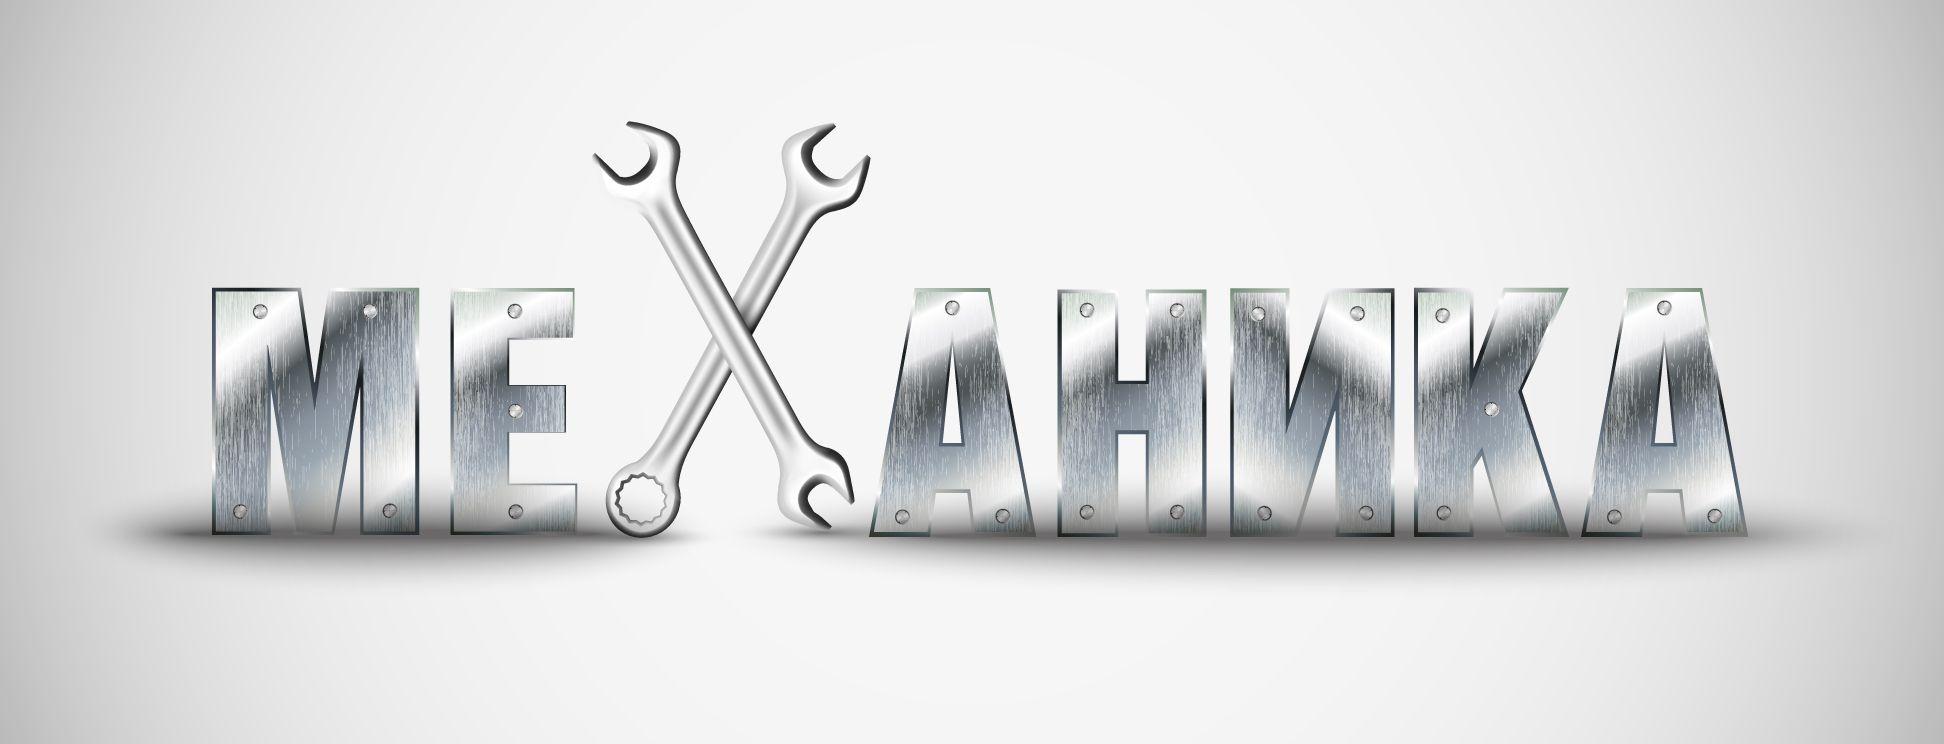 Логотип для магазина автозапчасти 'Механика' - дизайнер Doll